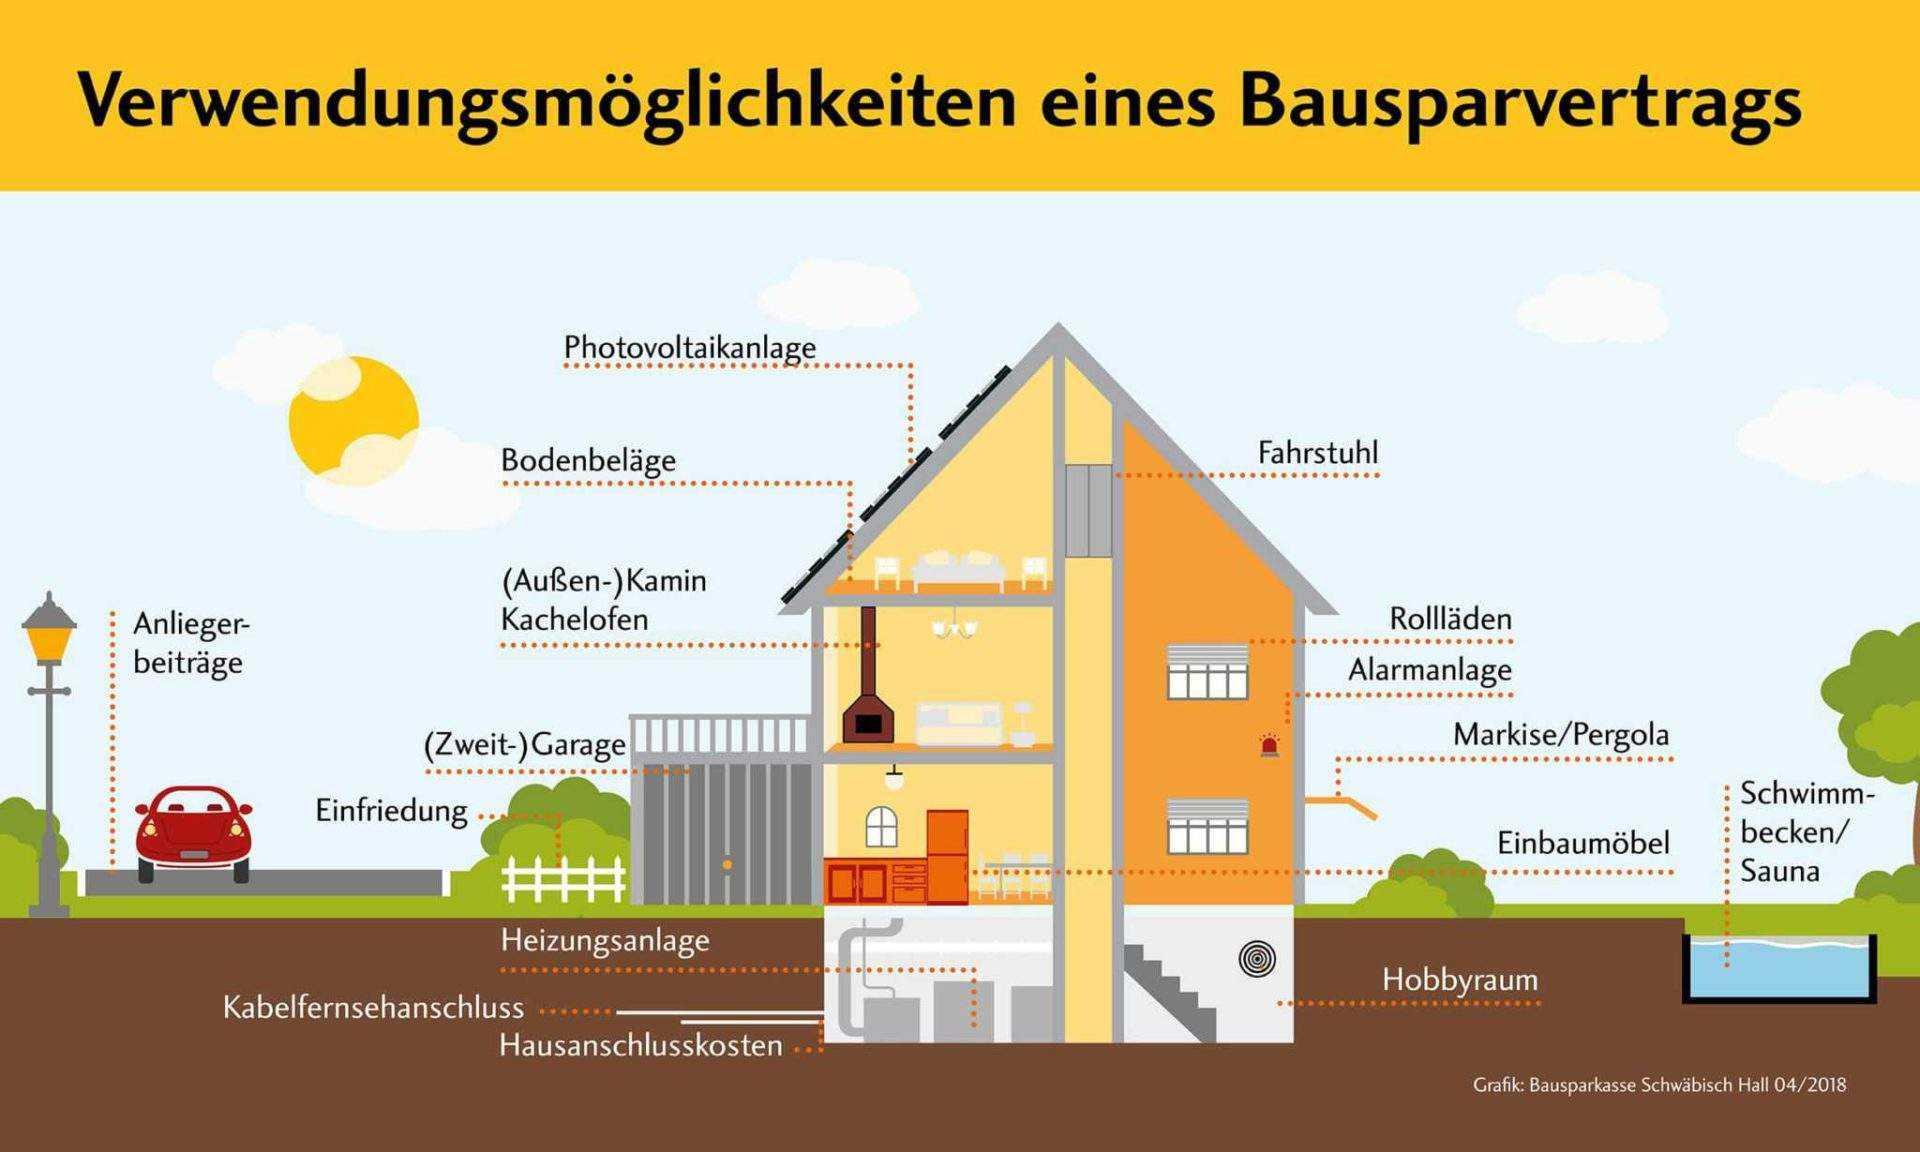 Bausparvertrag 2019 – Der klassische Weg ins Eigenheim